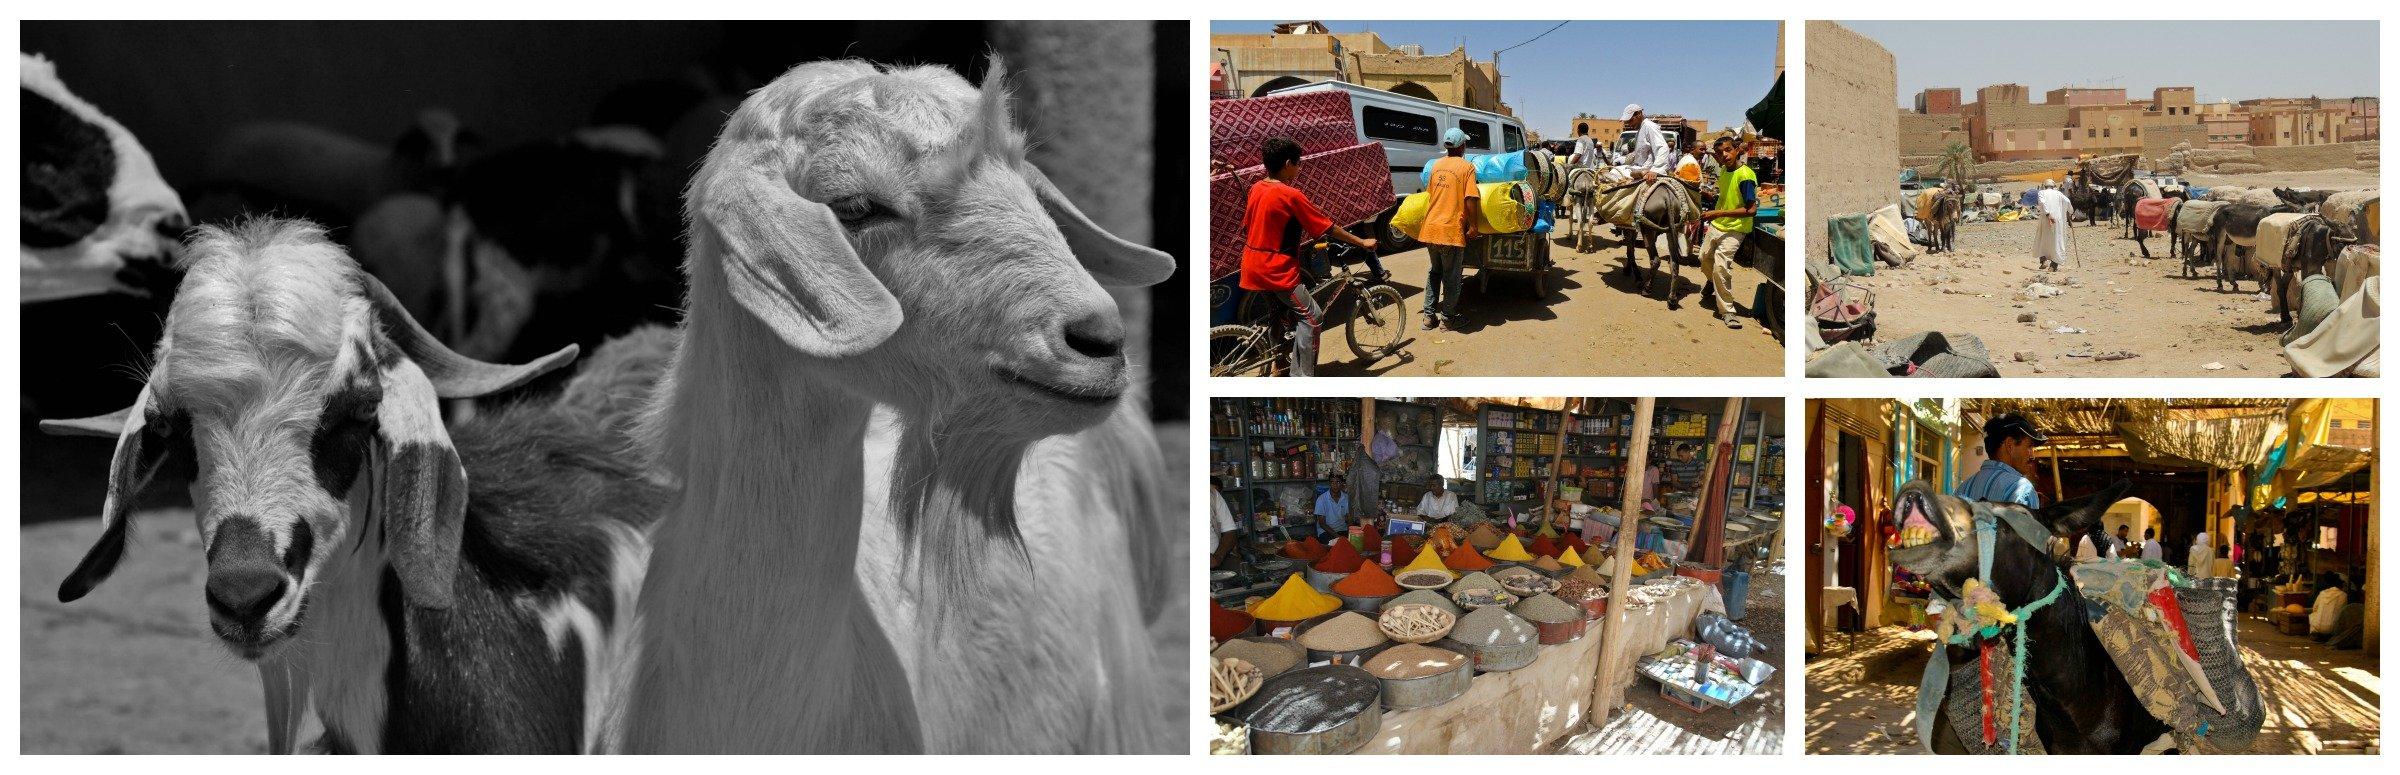 Escursione nel deserto, villaggio di Rissani